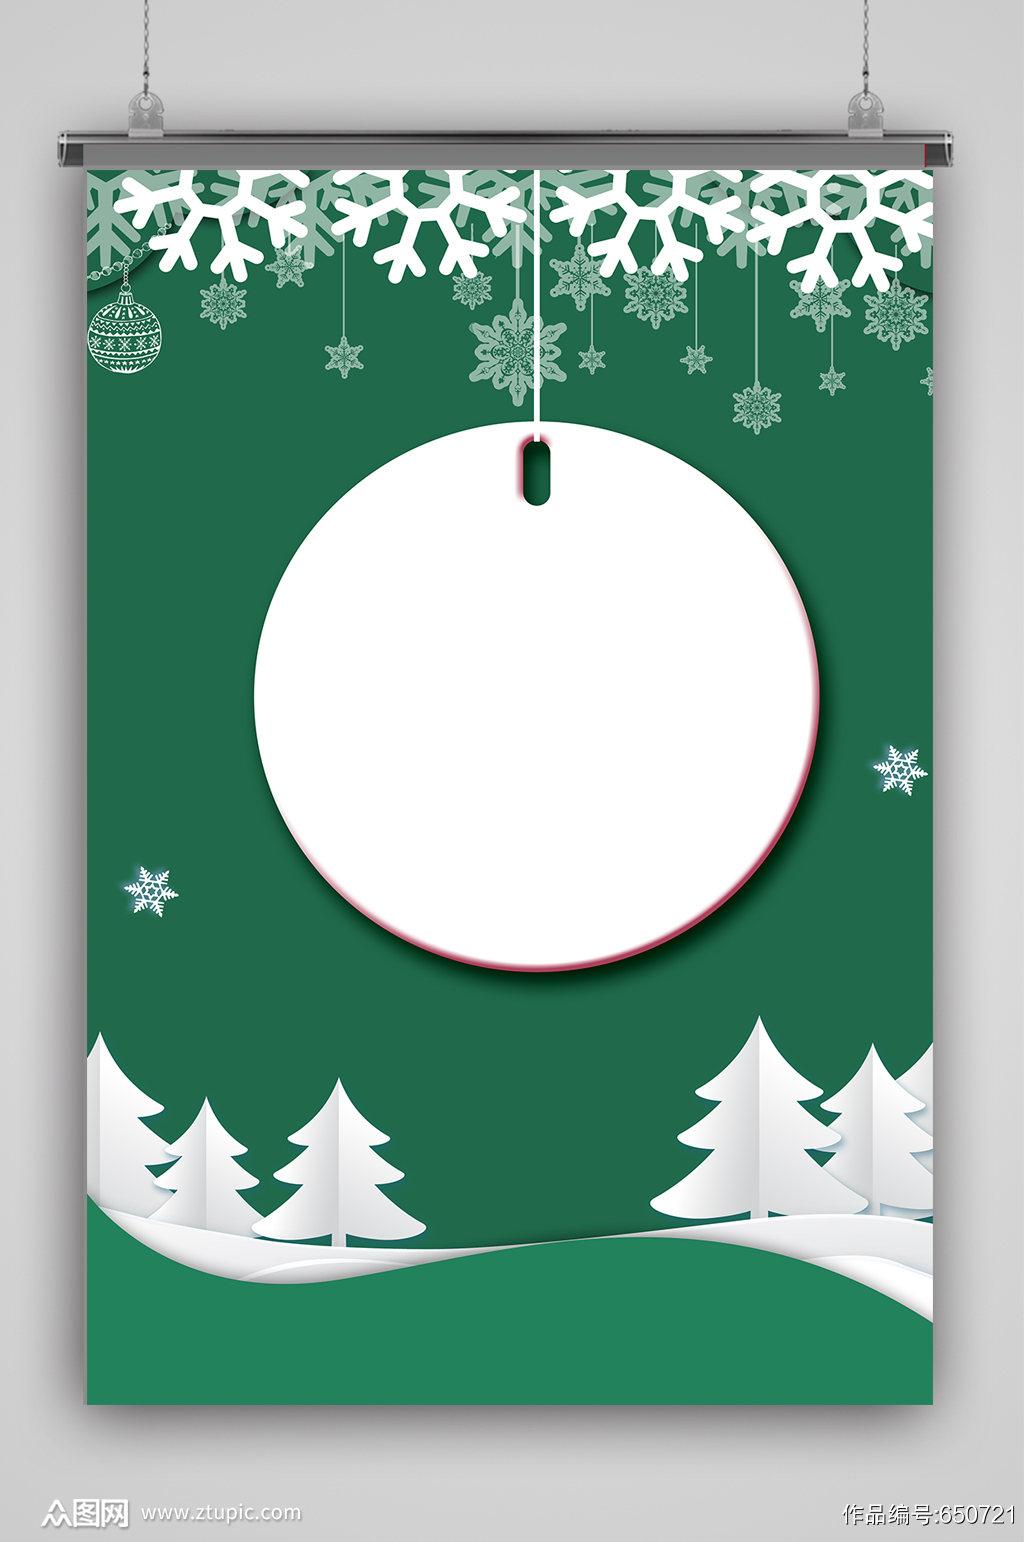 手绘圣诞节海报背景素材